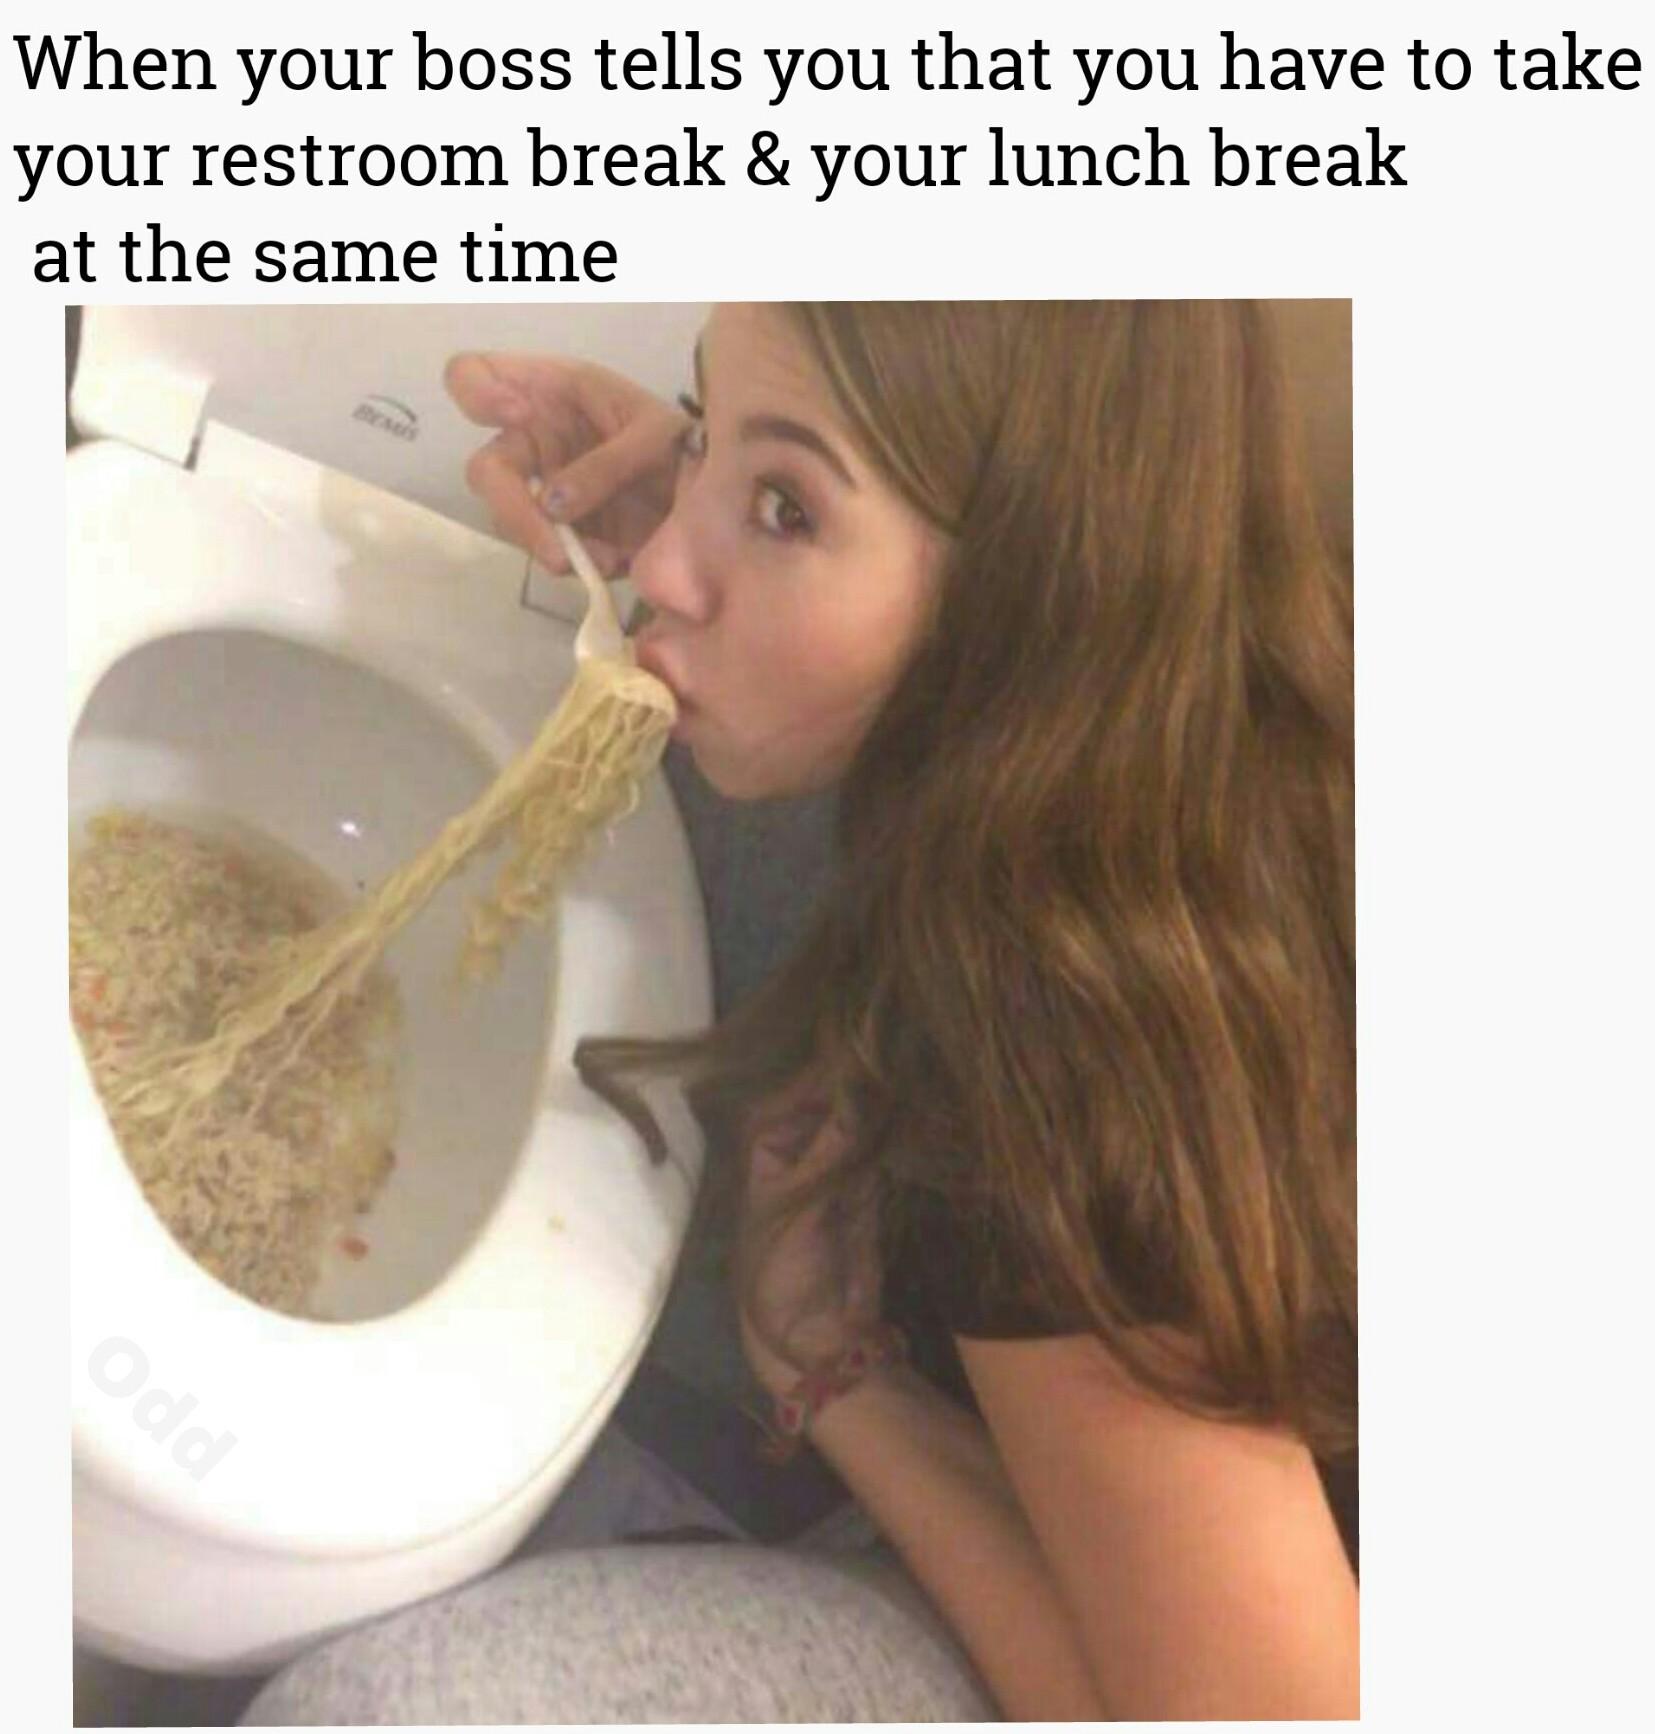 Send noodles - meme